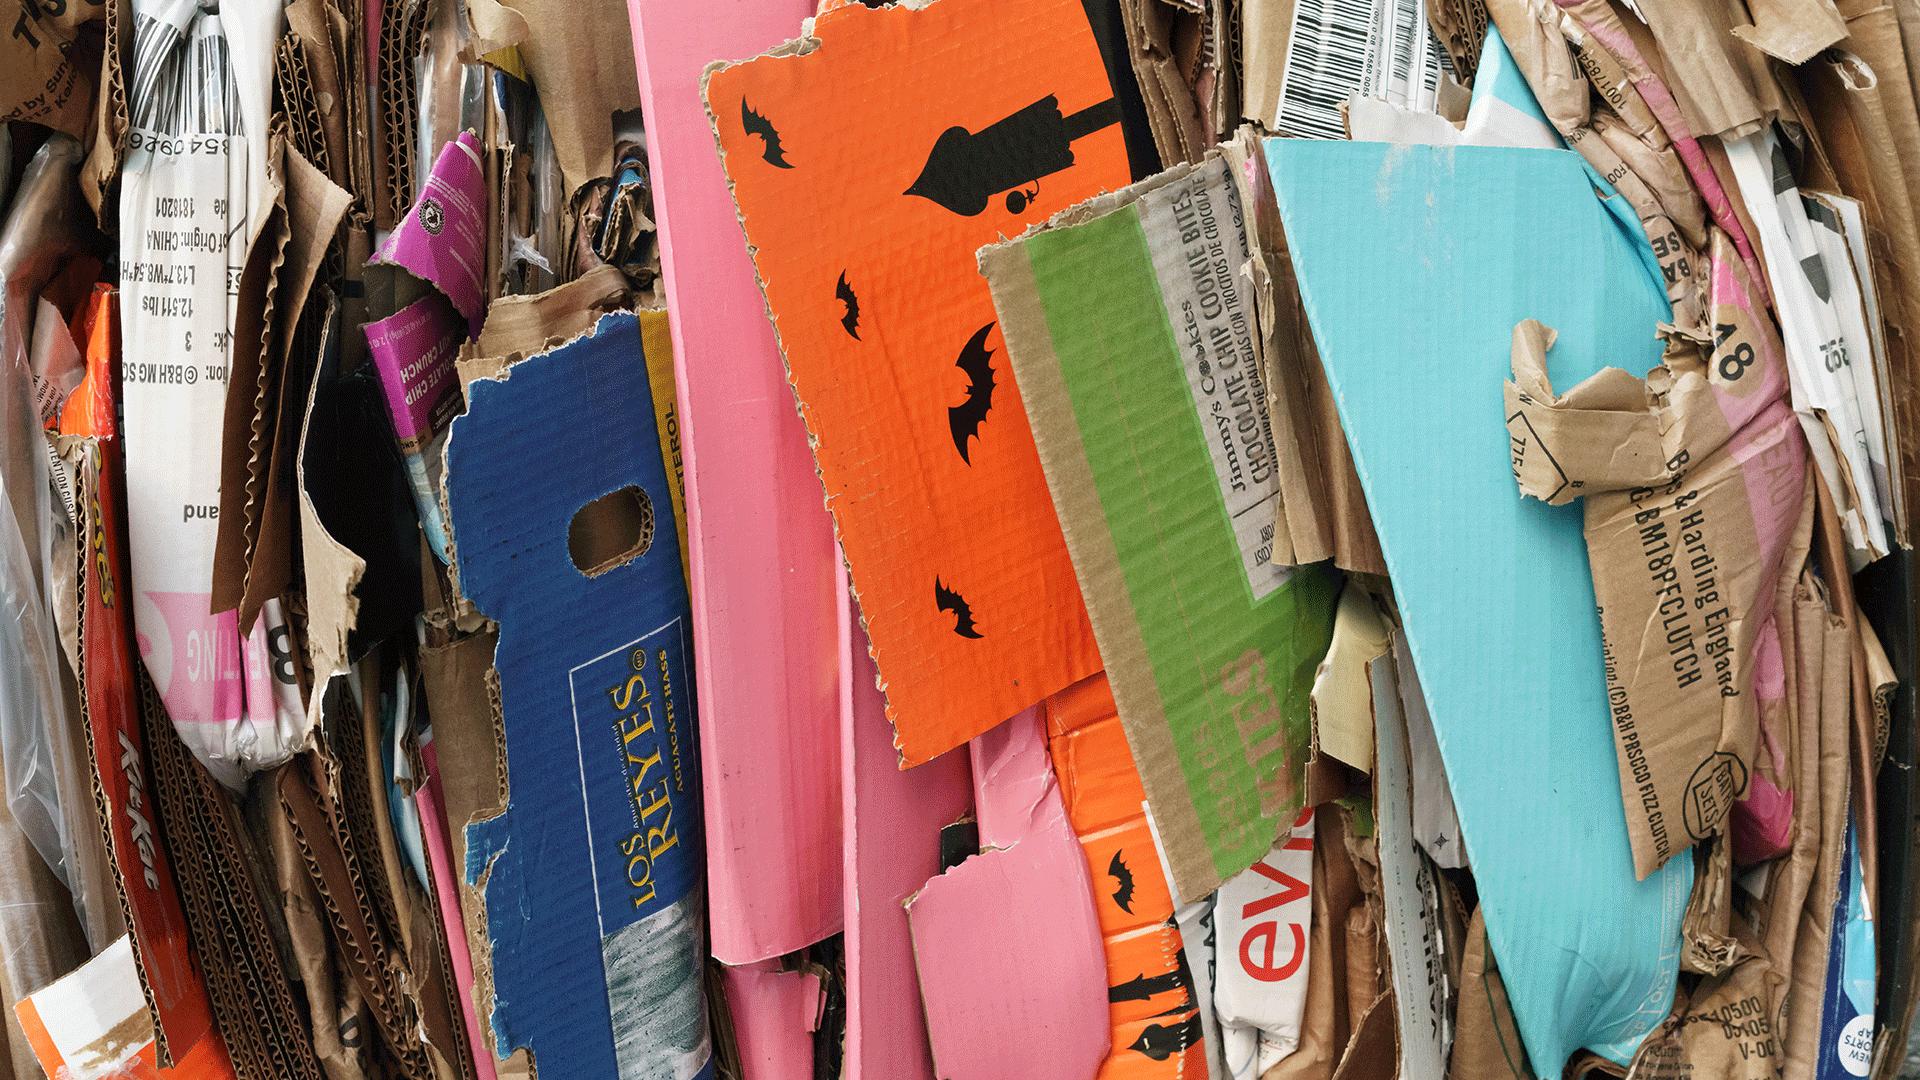 jour_de_la_terre_canada_blogue_recyclage_reflexions_autour_du_bac